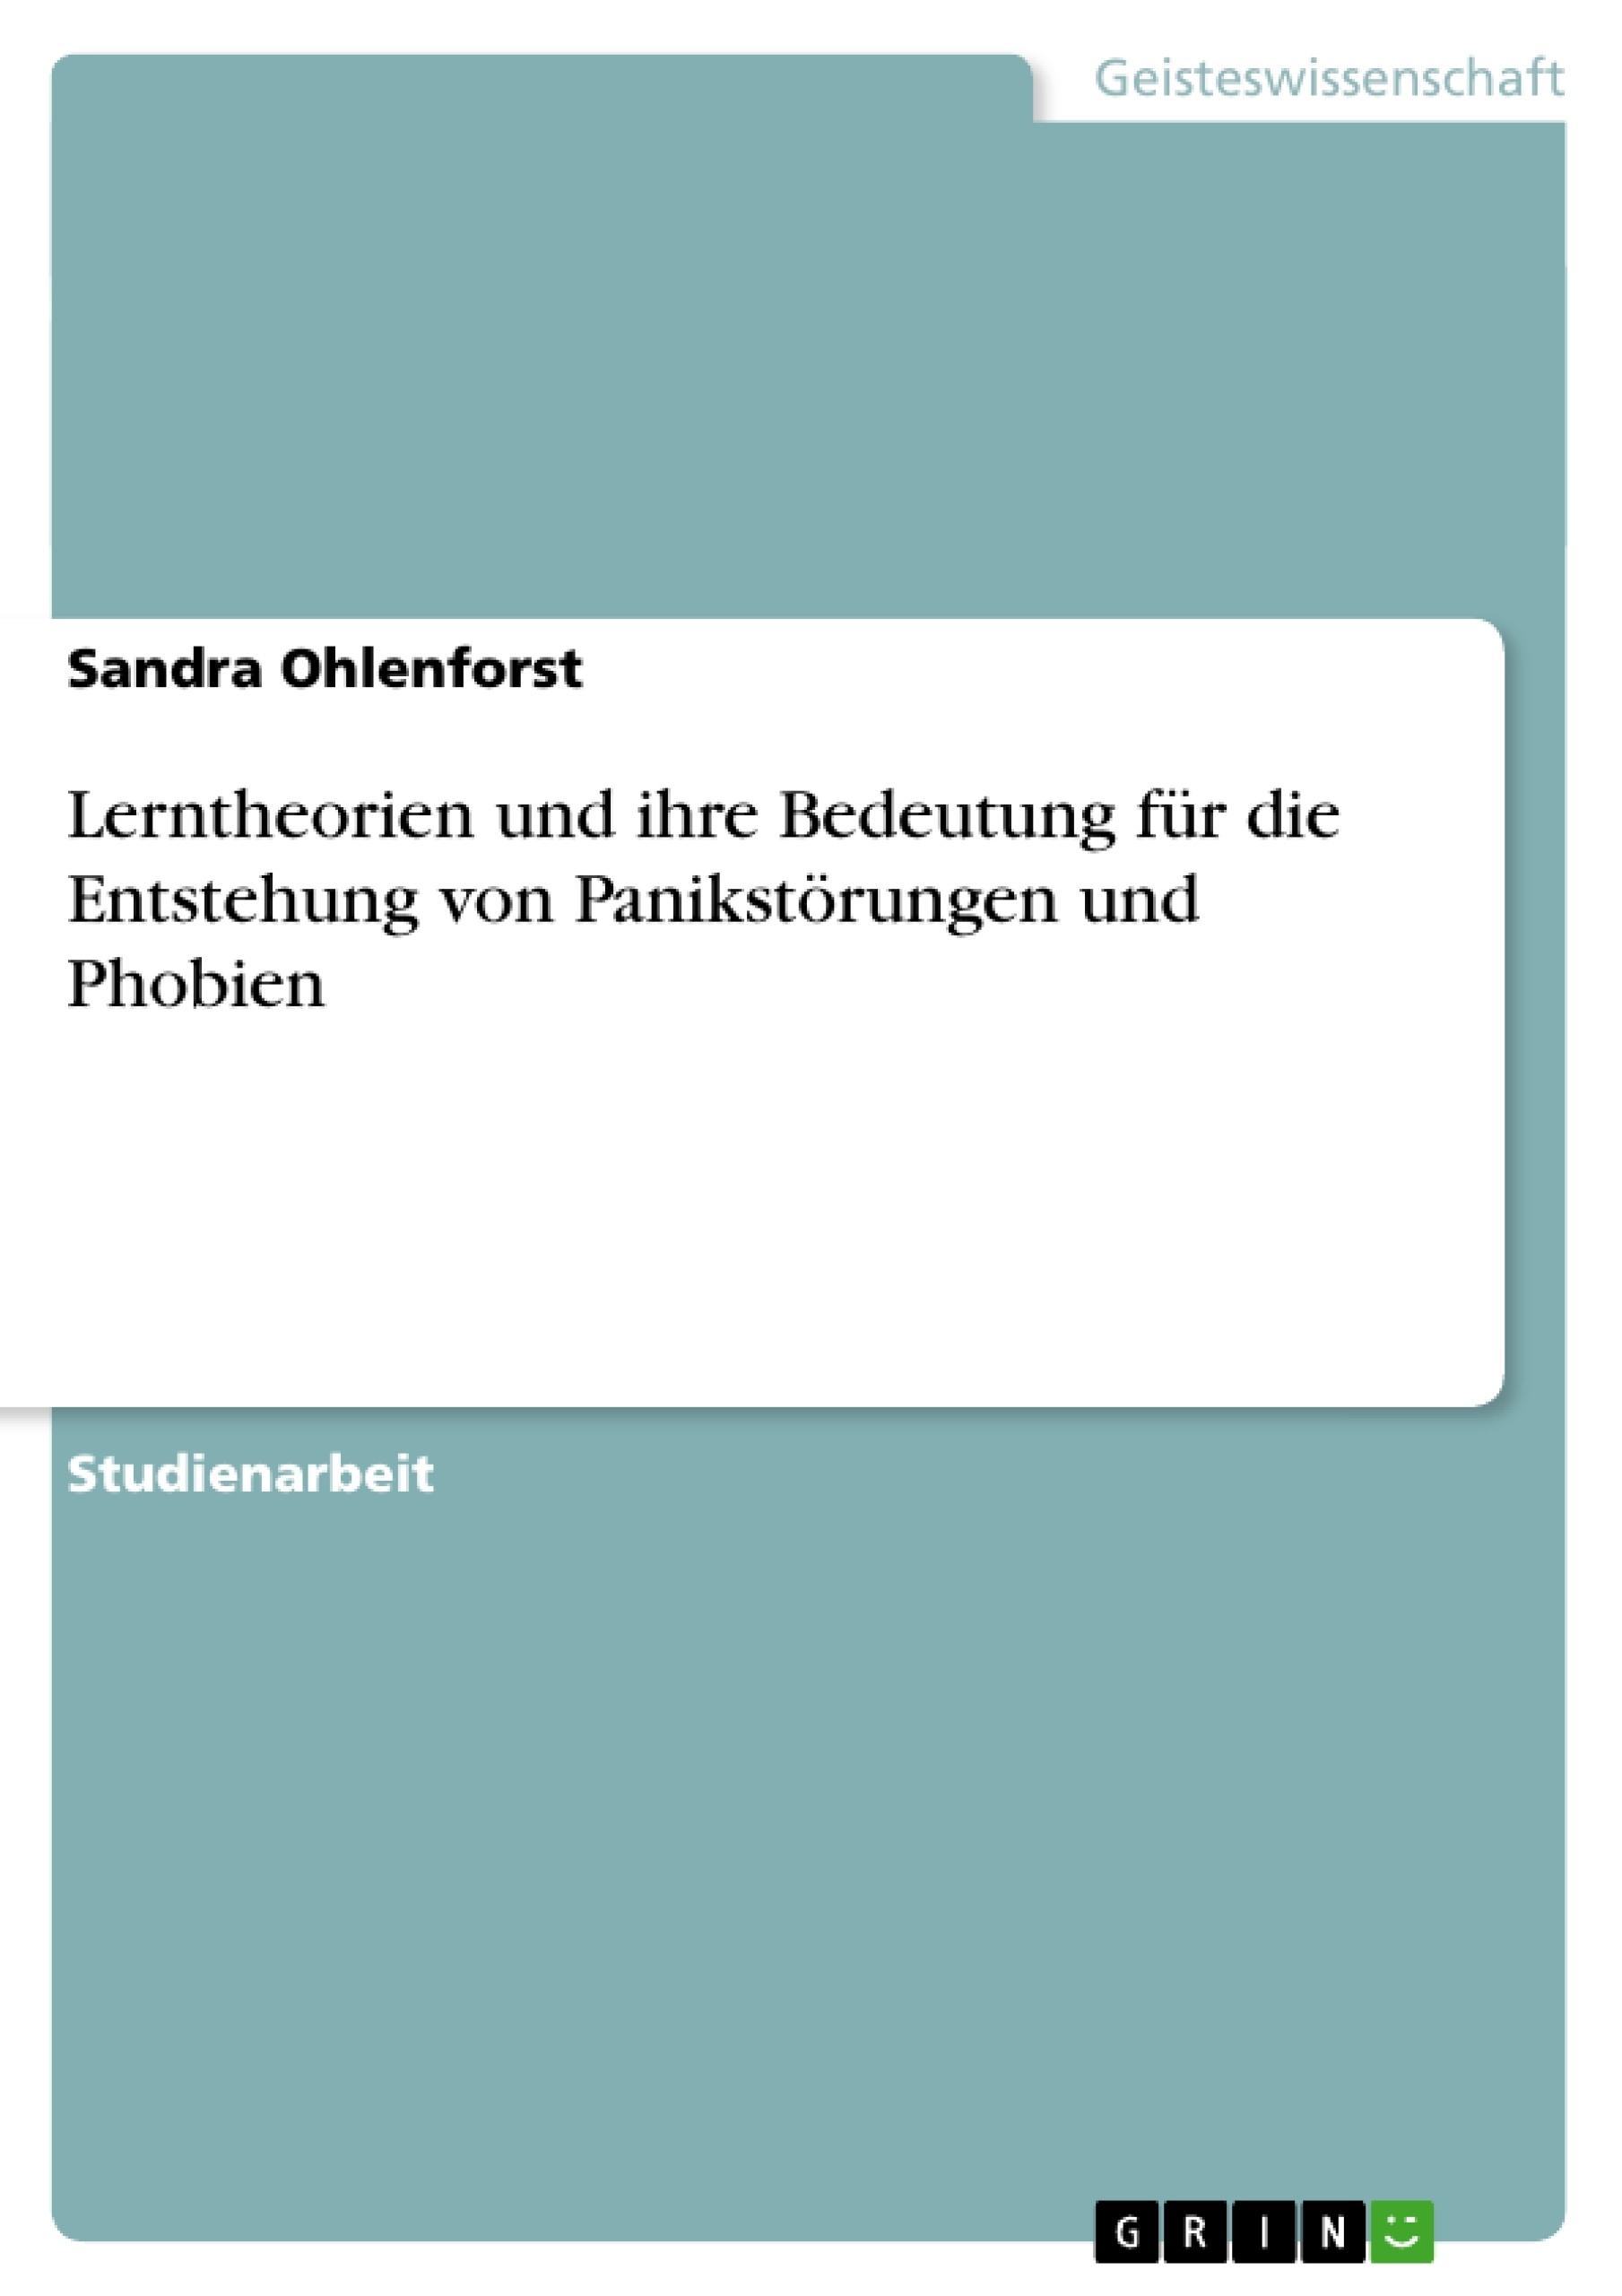 Titel: Lerntheorien und ihre Bedeutung für die Entstehung von Panikstörungen und Phobien